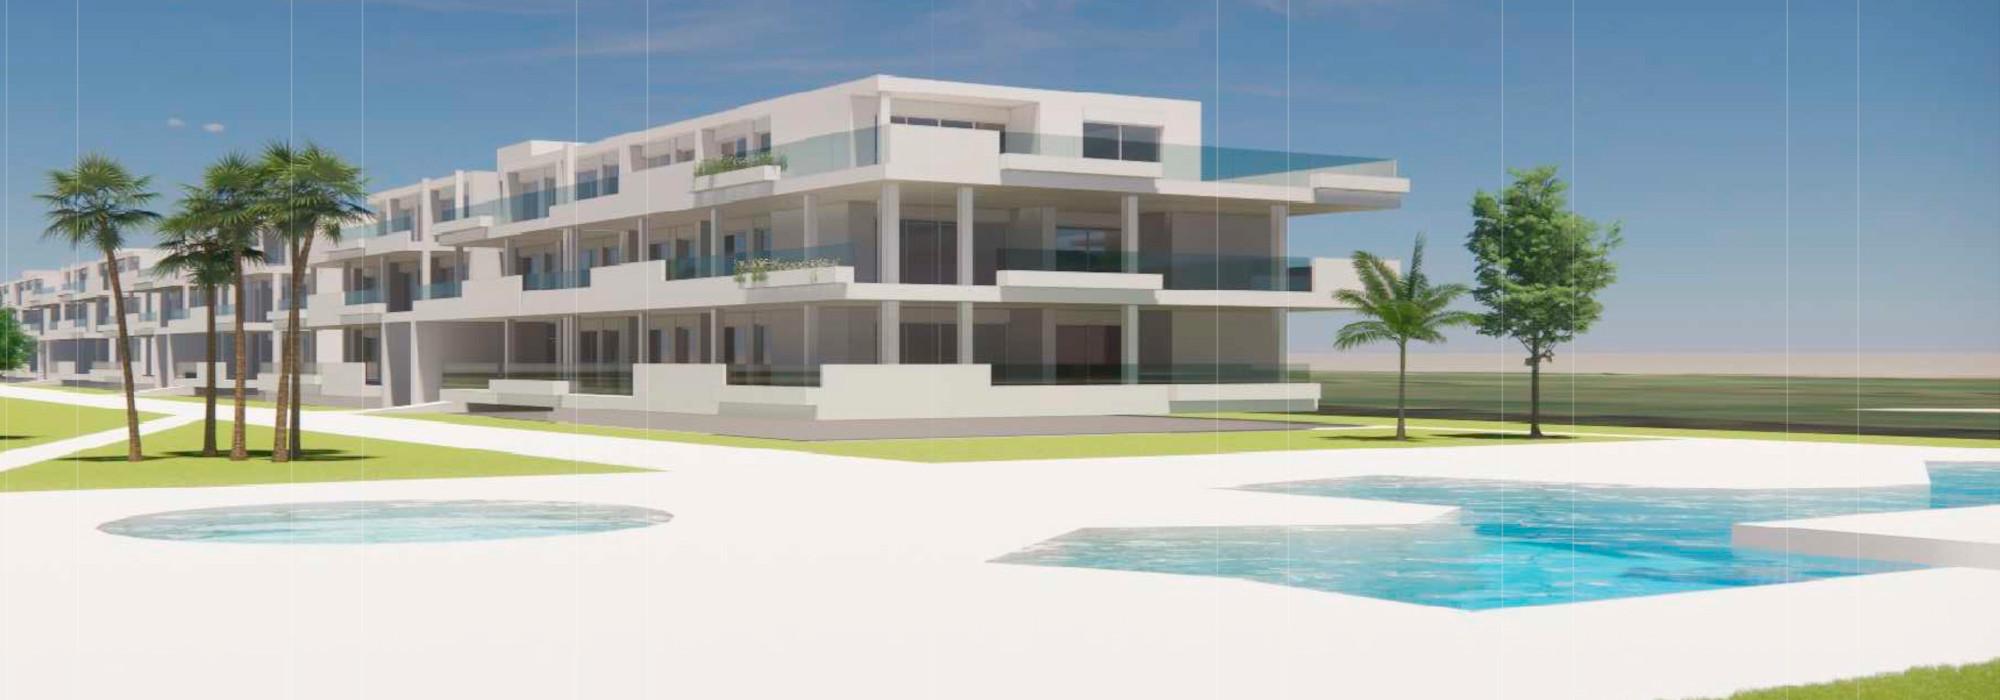 Promoción de obra nueva de alto standing situadas cerca del mar: ULTIMAS VIVIENDAS